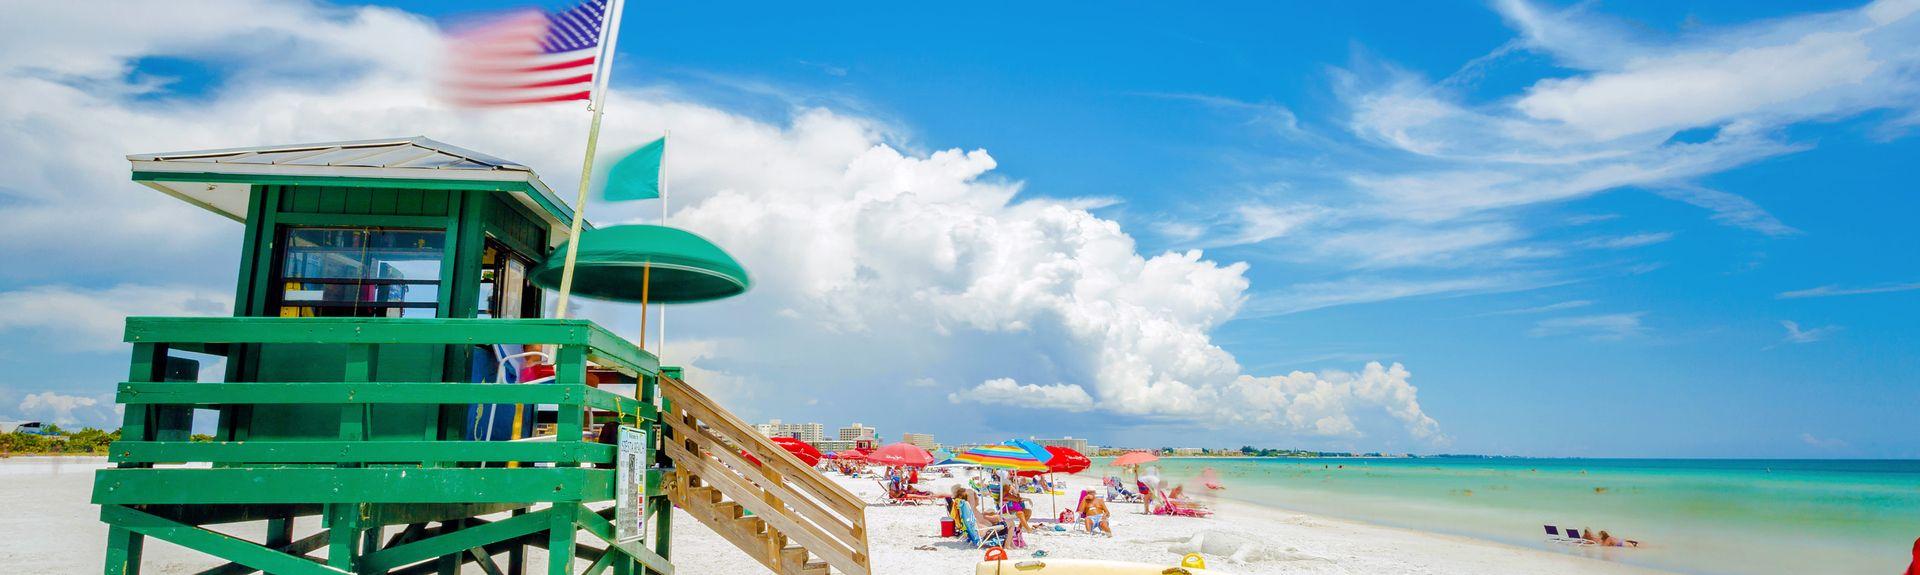 Sarasota County, Florida, USA